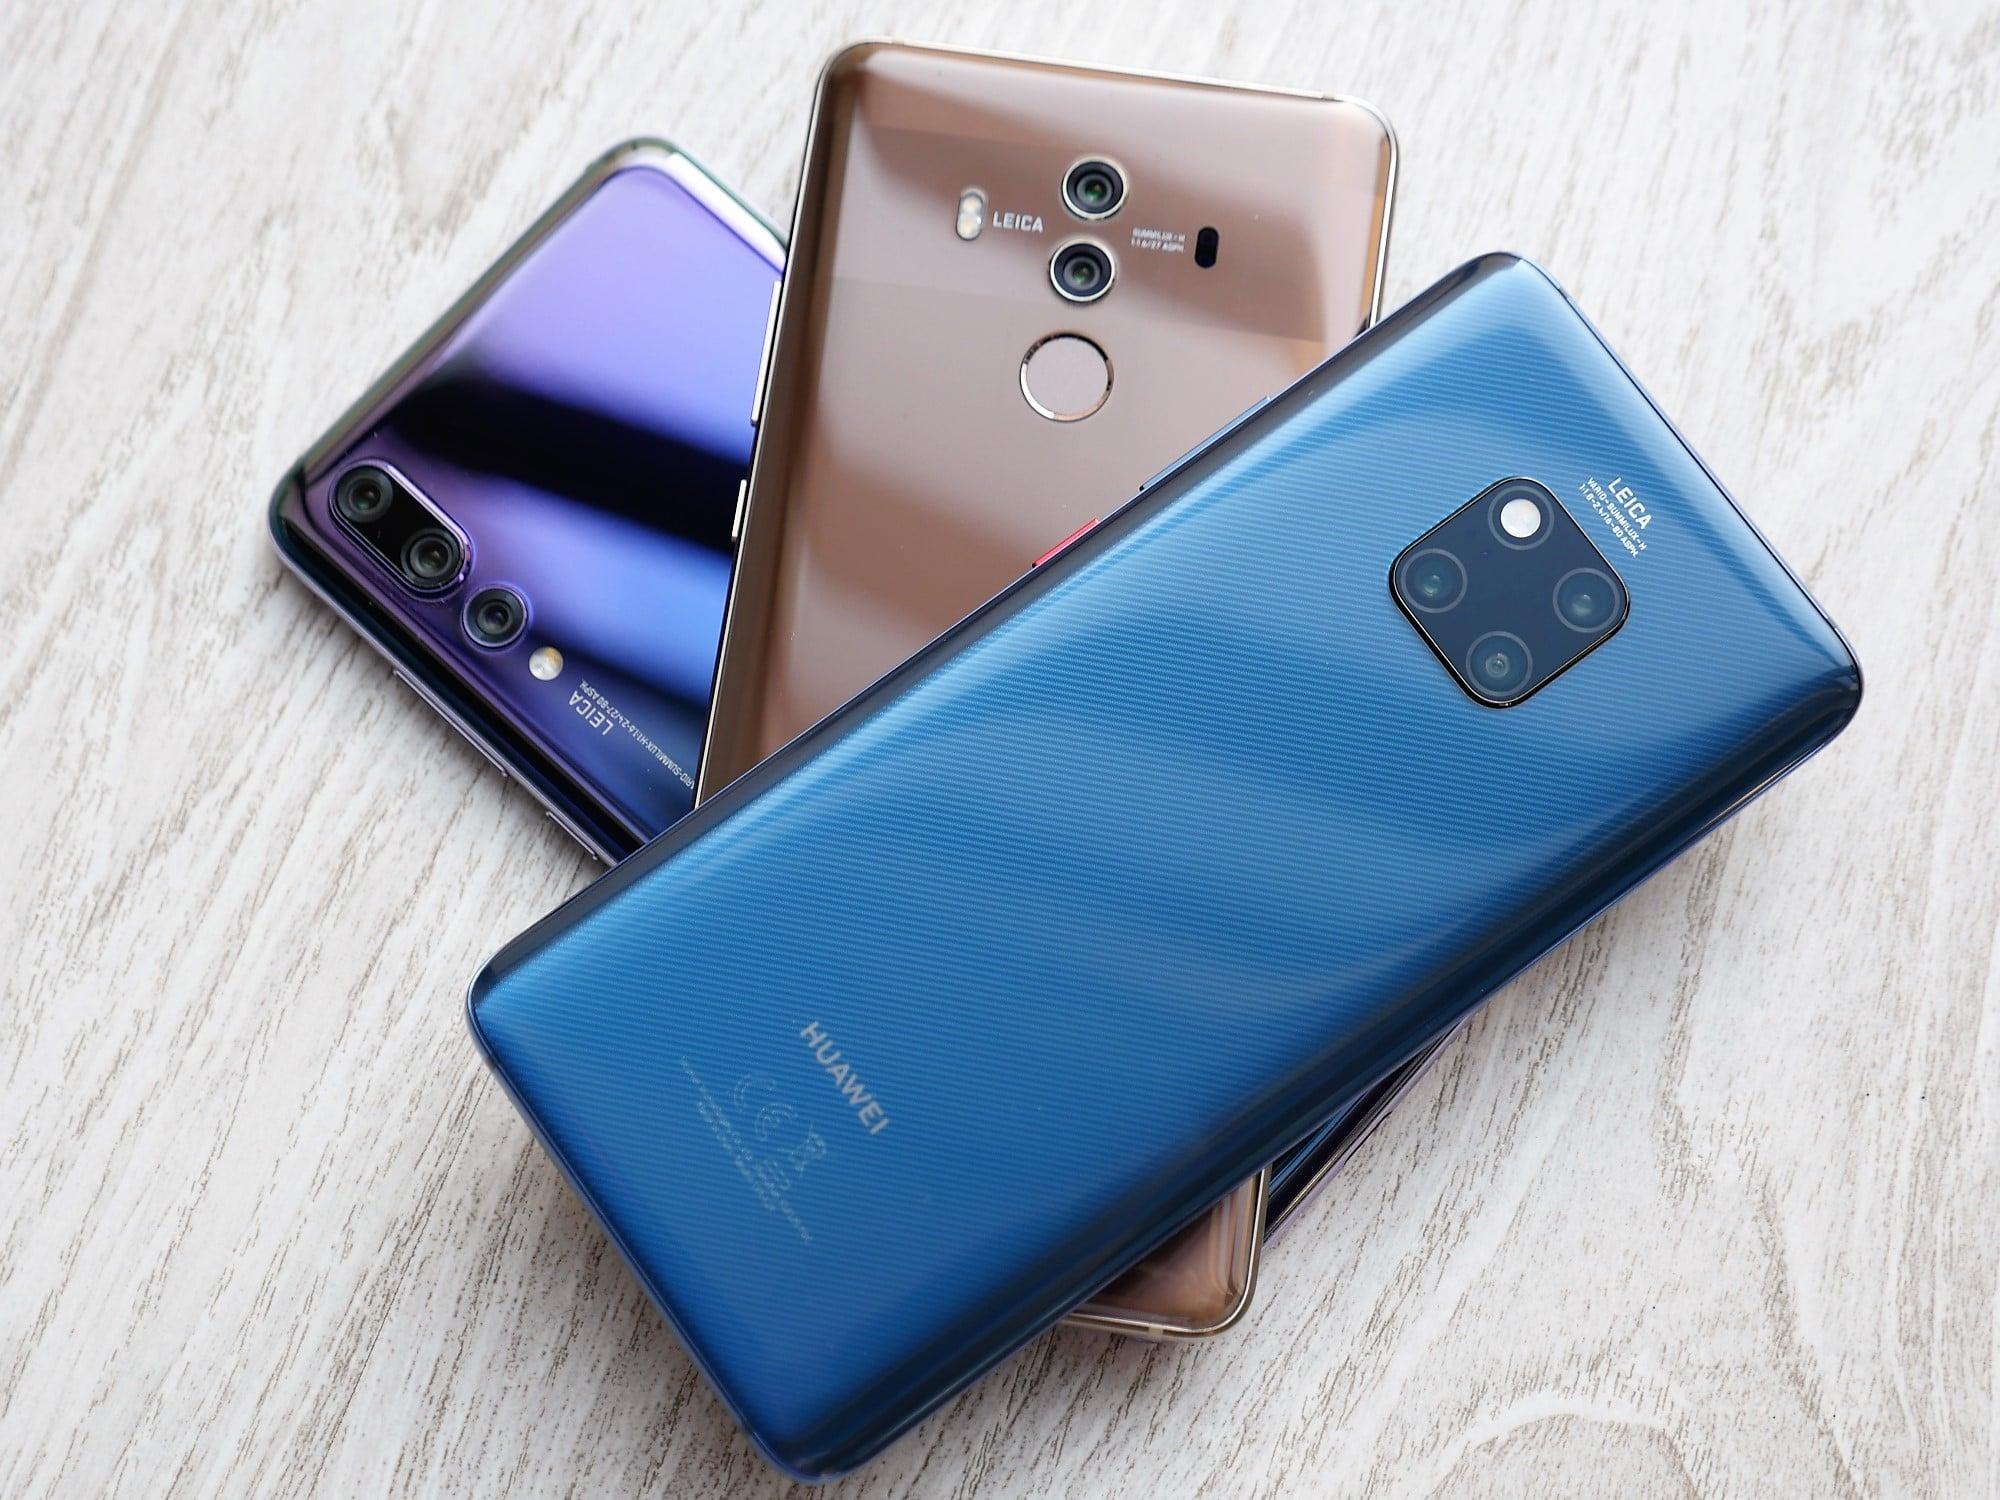 Huawei Mate 20 Pro - ultraszeroki kąt w aparacie, indukcyjne ładowanie, czytnik w (zakrzywionym) ekranie i wiele więcej. Pierwsze wrażenia 27